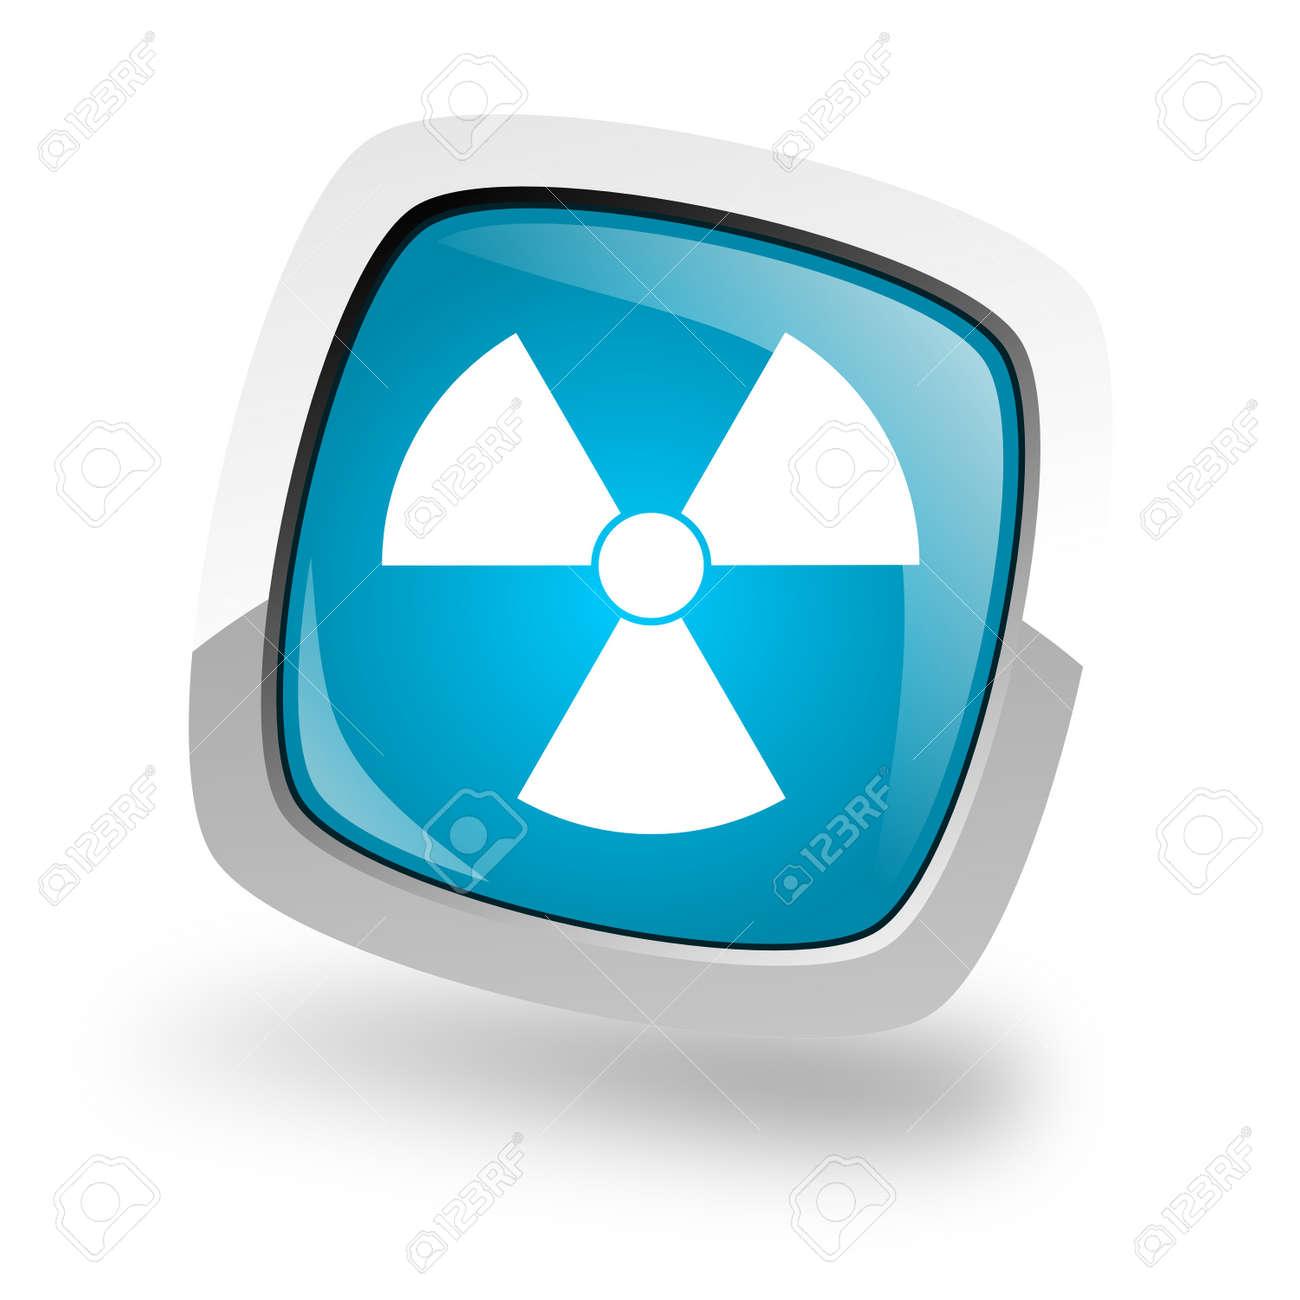 radiation icon Stock Photo - 13457713